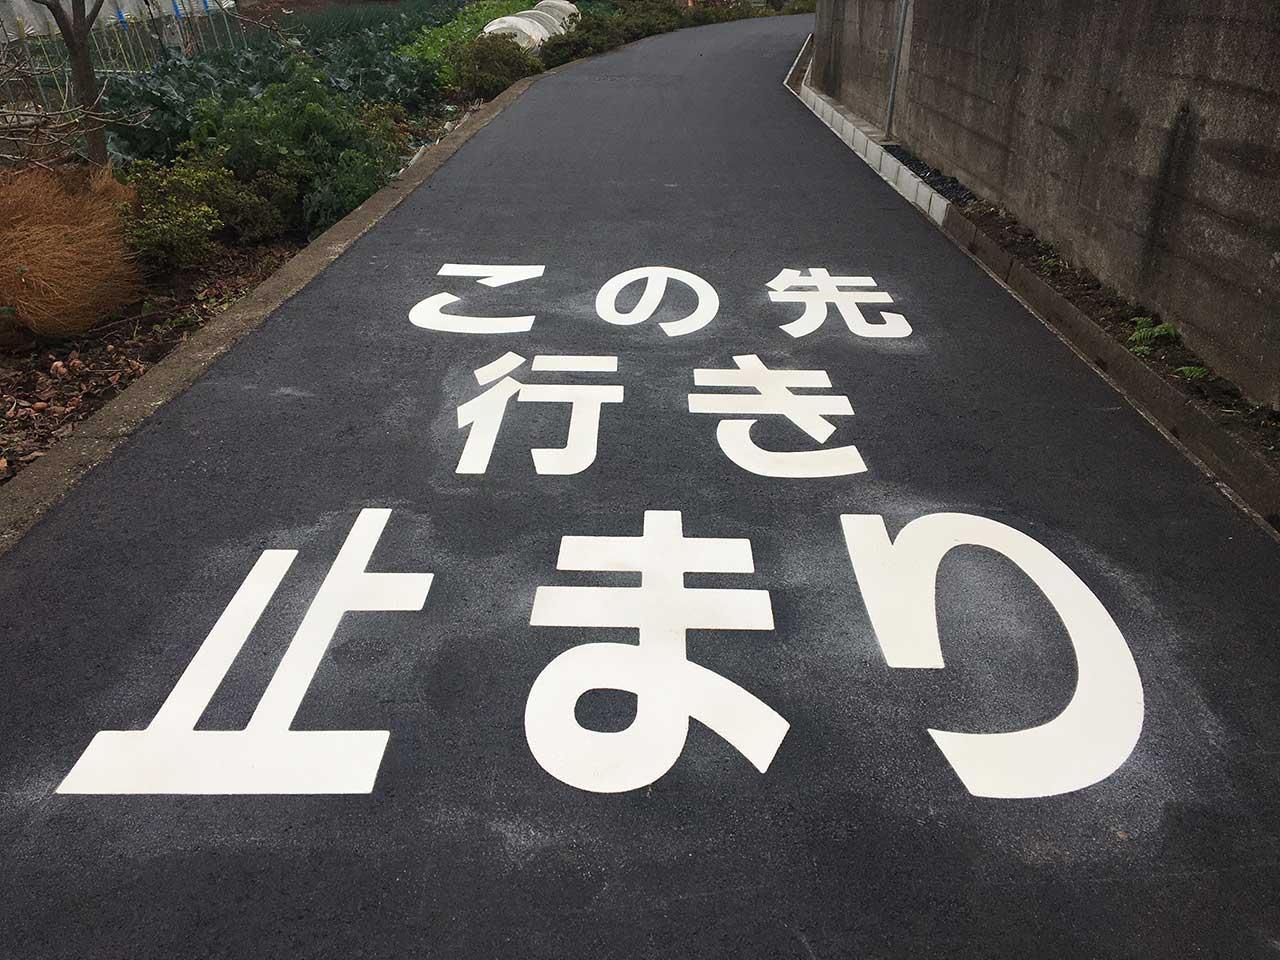 文字【 この先行き止まり 】